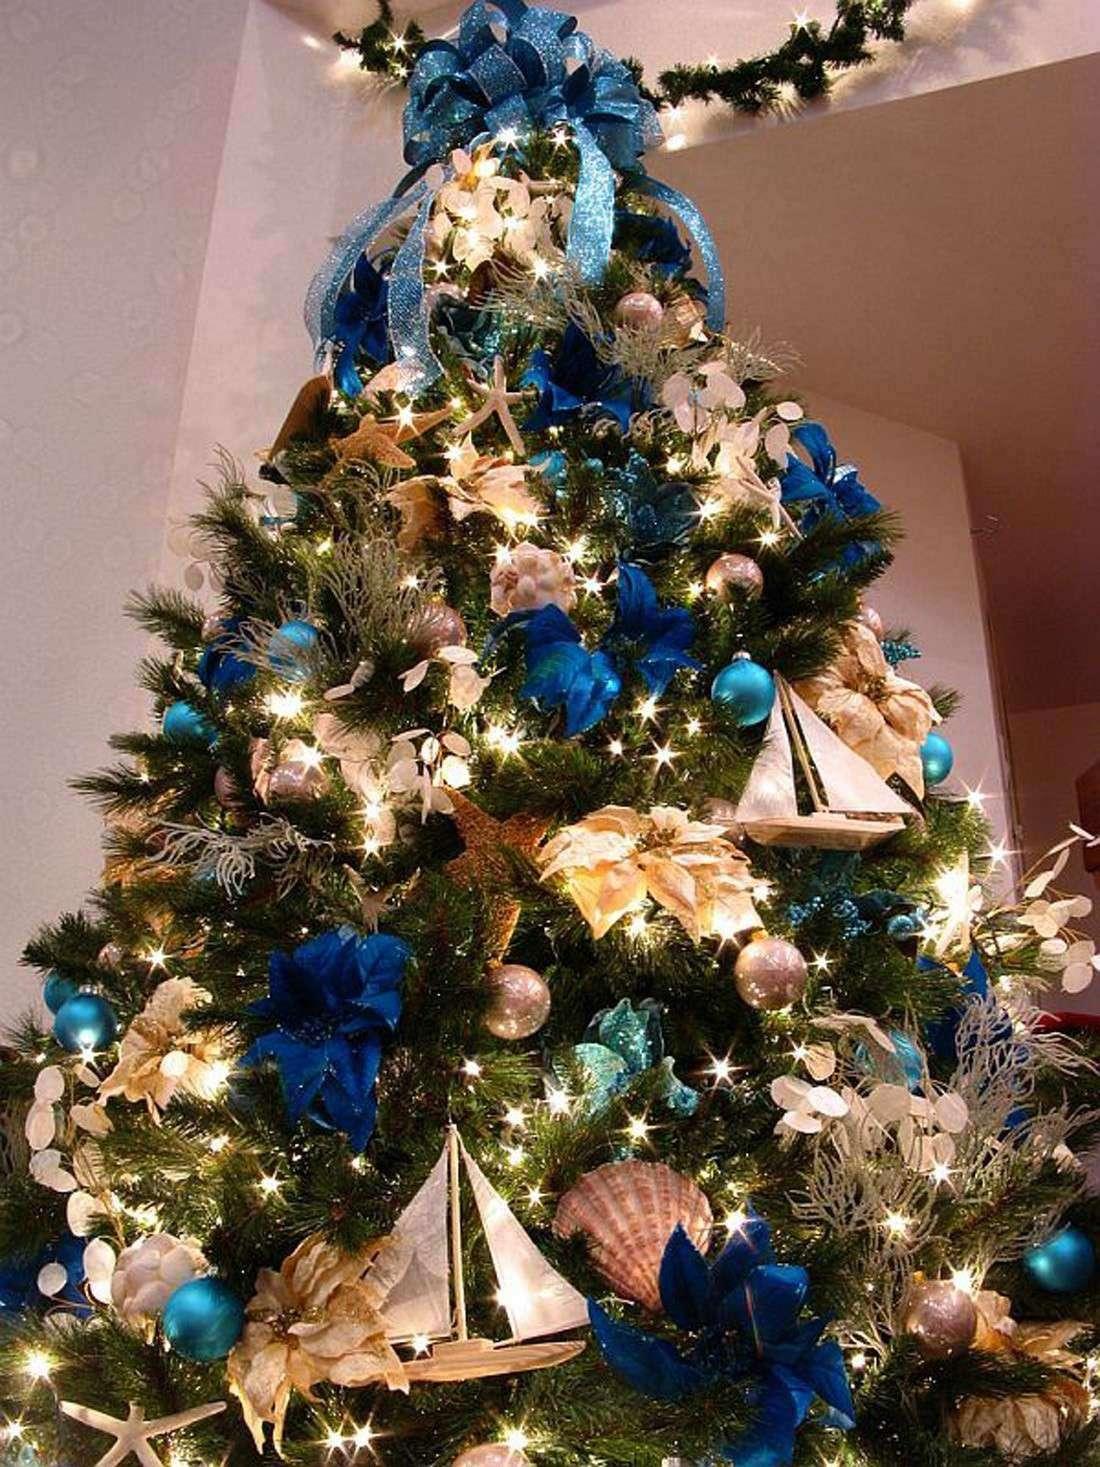 Sorprendentes ideas para decorar el árbol de Navidad 6